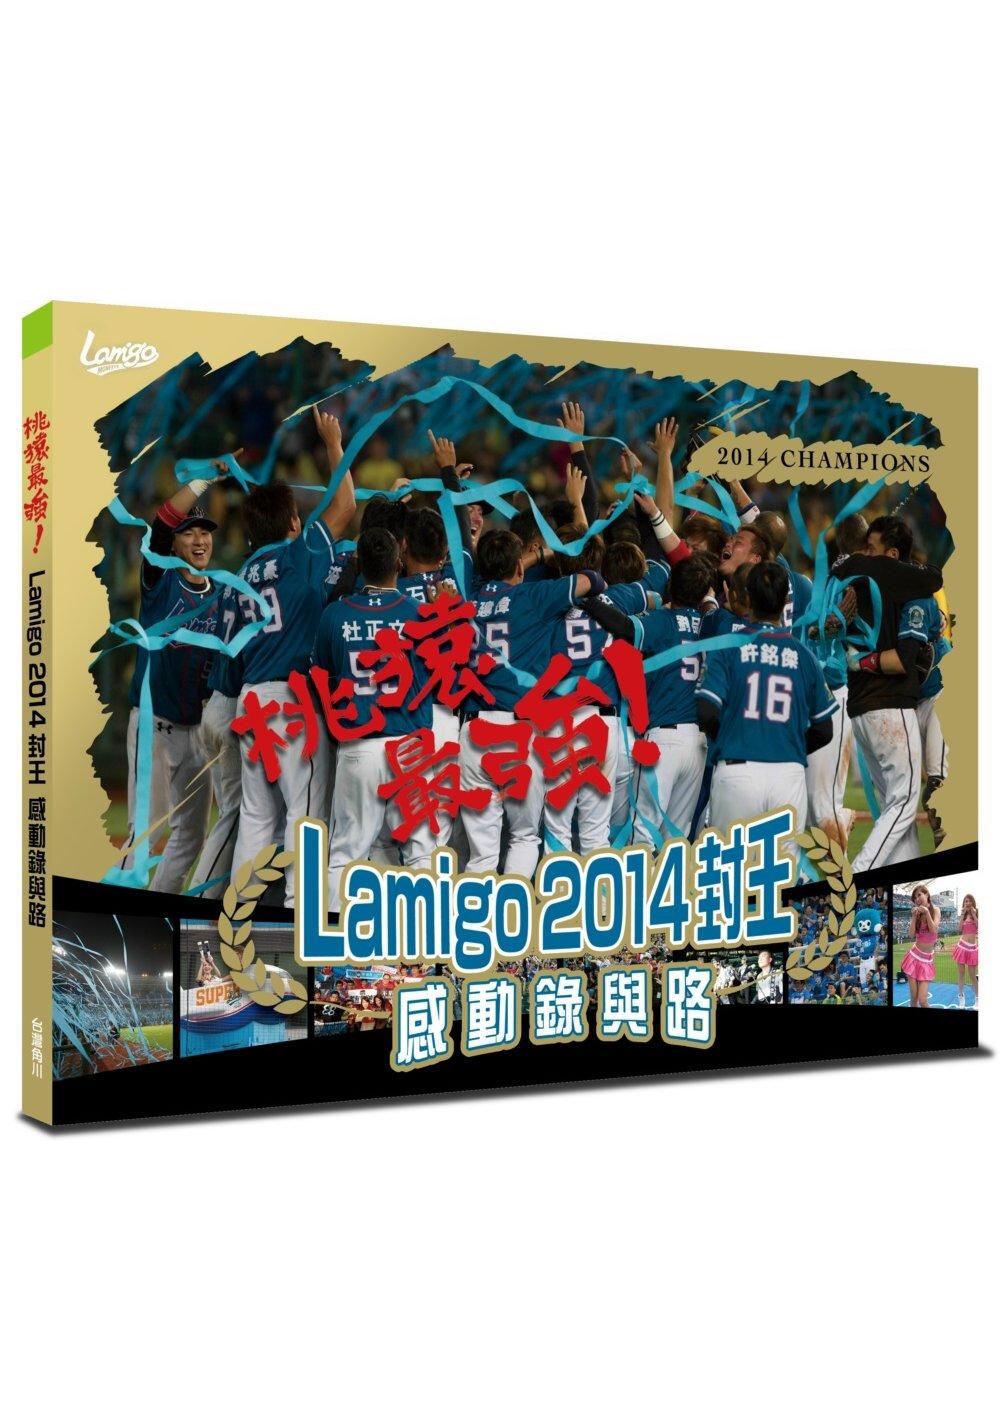 桃猿最強!Lamigo 2014封王感動錄與路